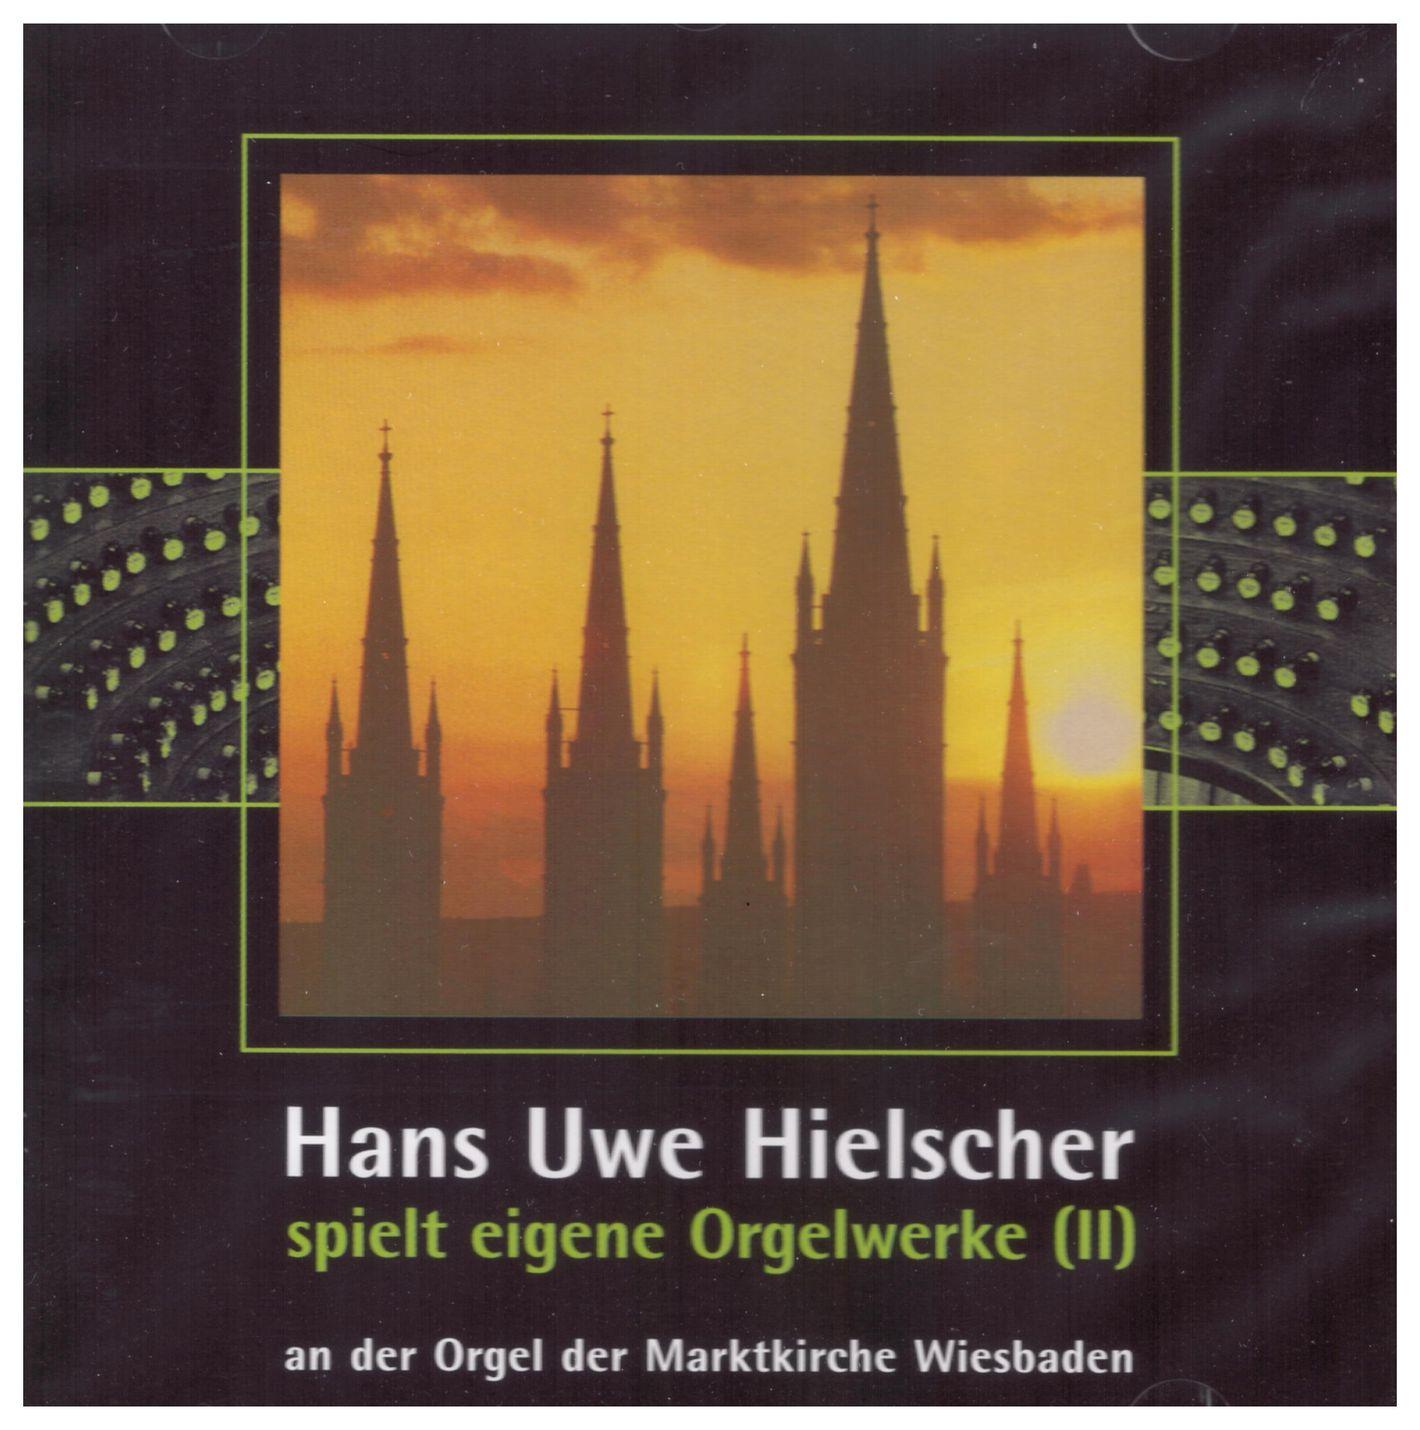 Hans Uwe Hielscher spielt eigene Orgelwerke (II)